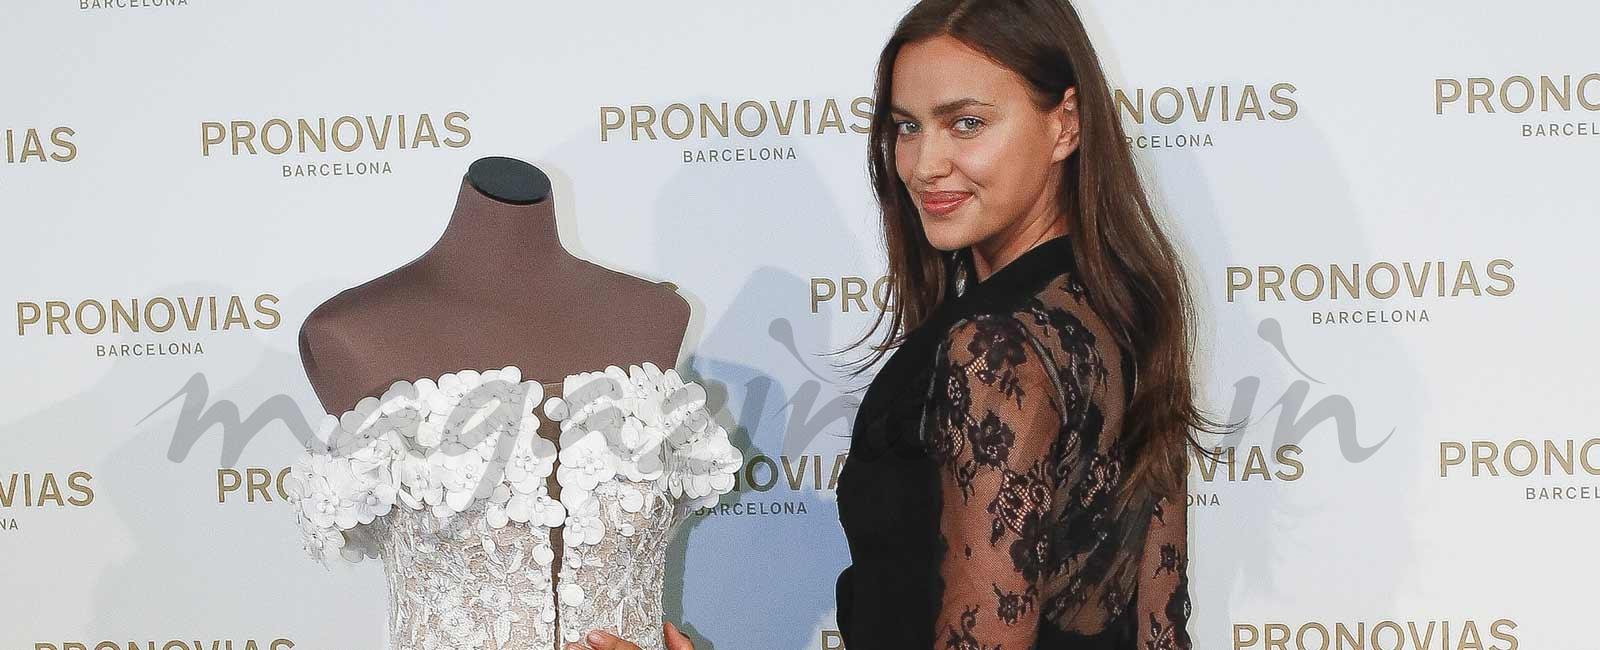 Irina Shayk, madrina de la nueva colección de Pronovias